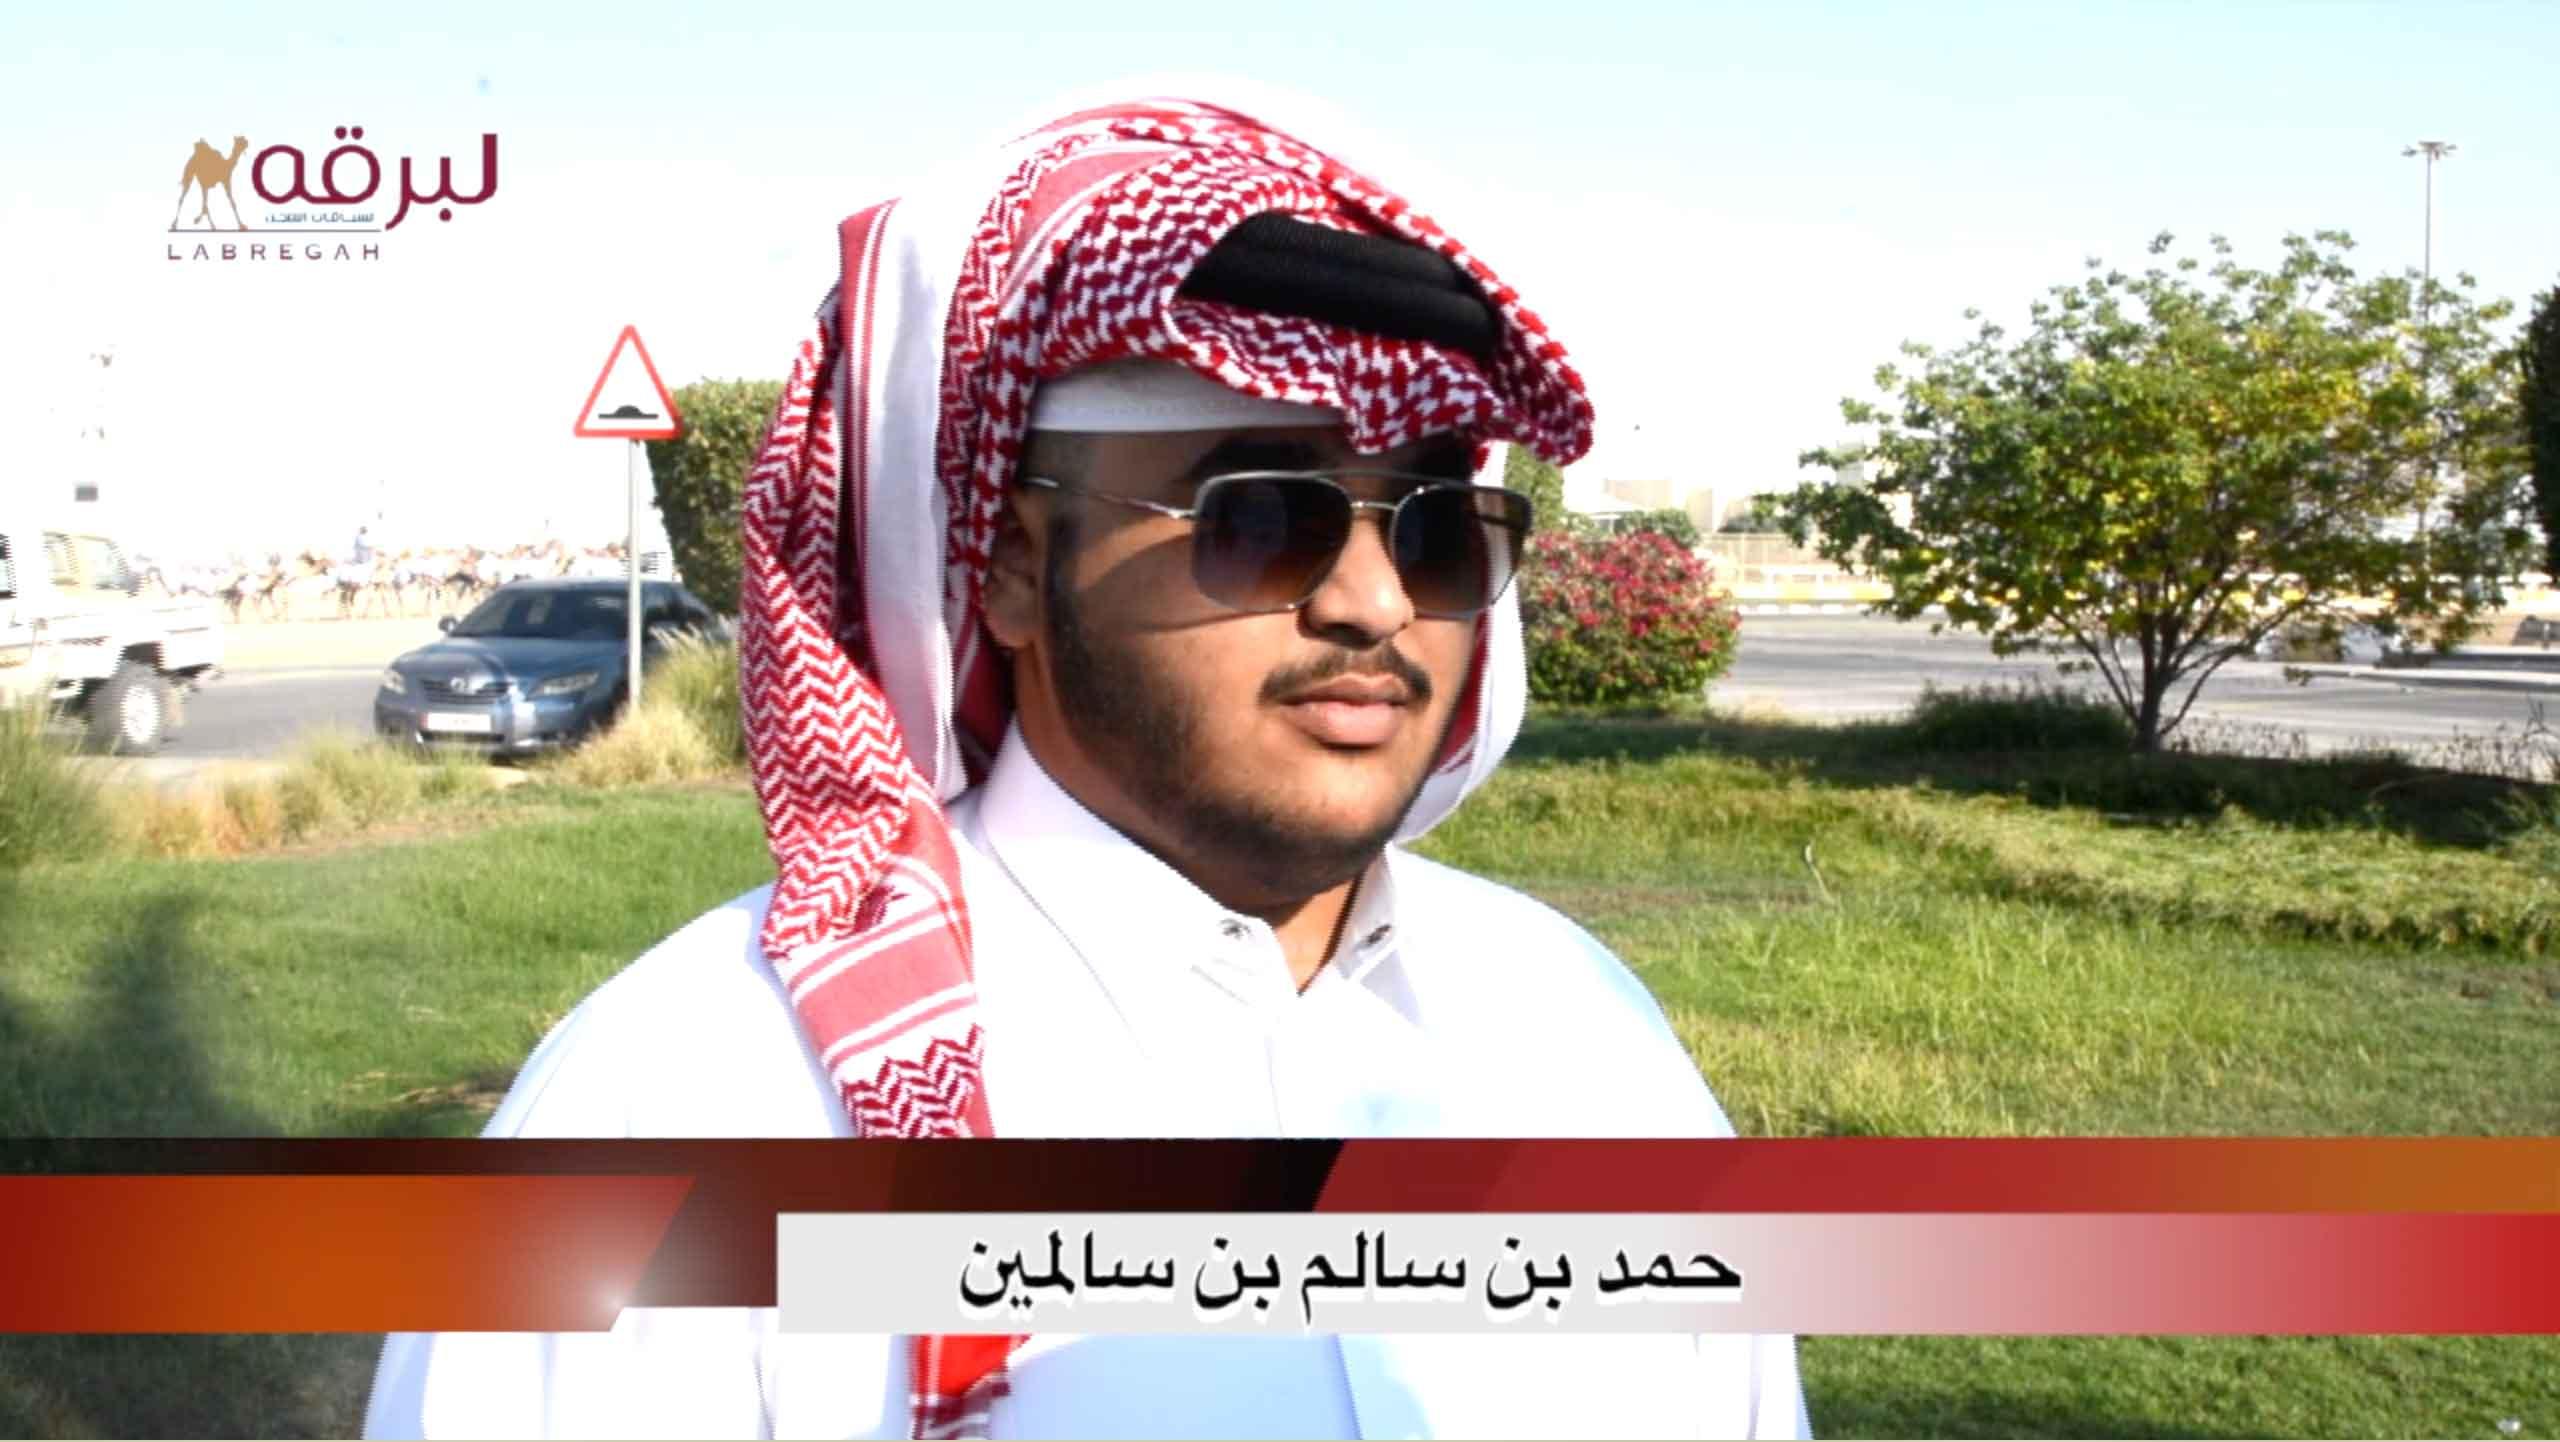 لقاء مع حمد بن سالم بن سالمين.. الشوط الرئيسي للثنايا بكار إنتاج الأشواط العامة ١٥-١٠-٢٠٢٠